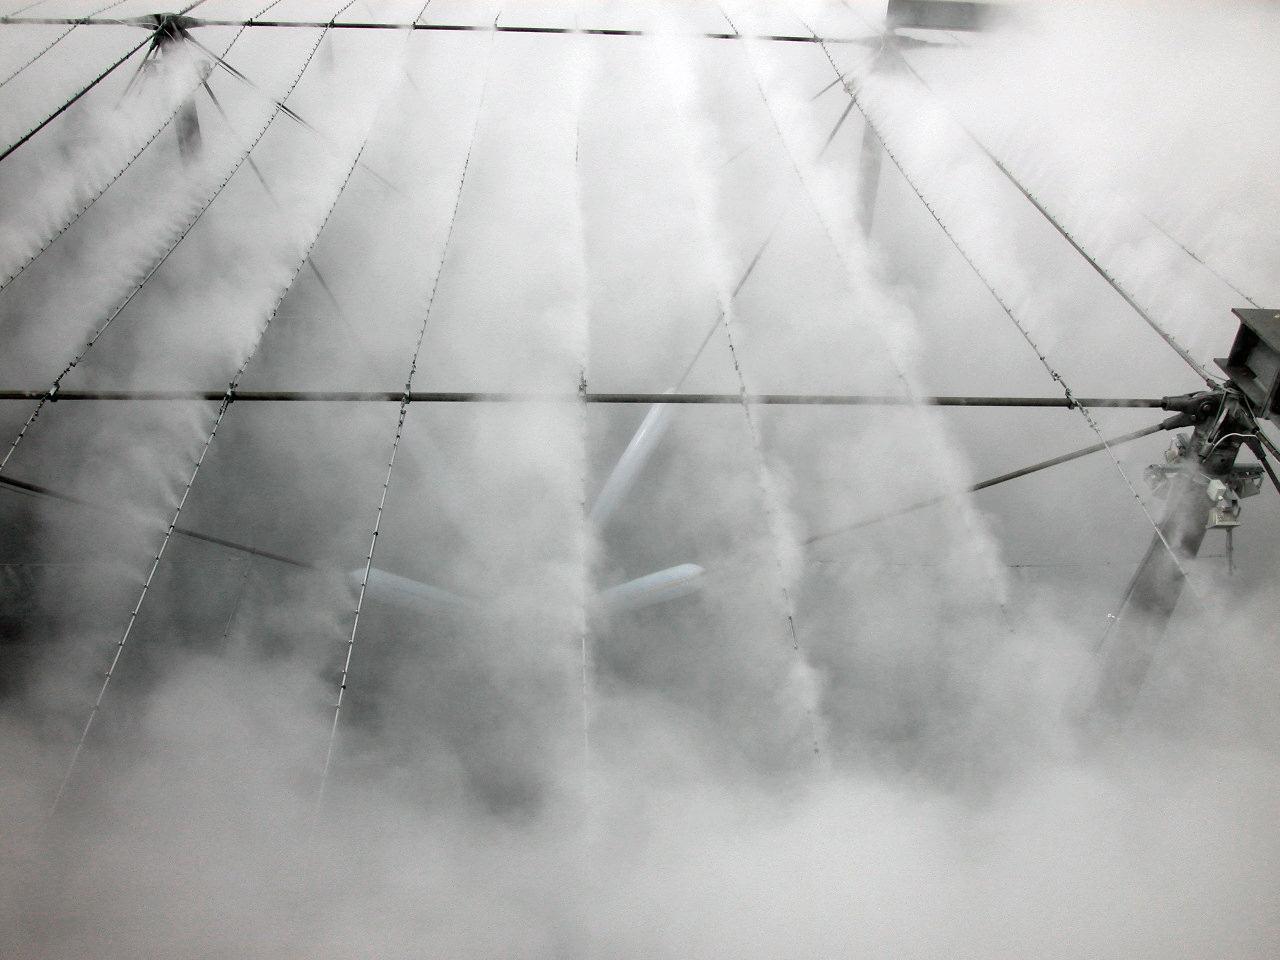 diane-dubeau-nuage-blur-building-diller-scofidio-6